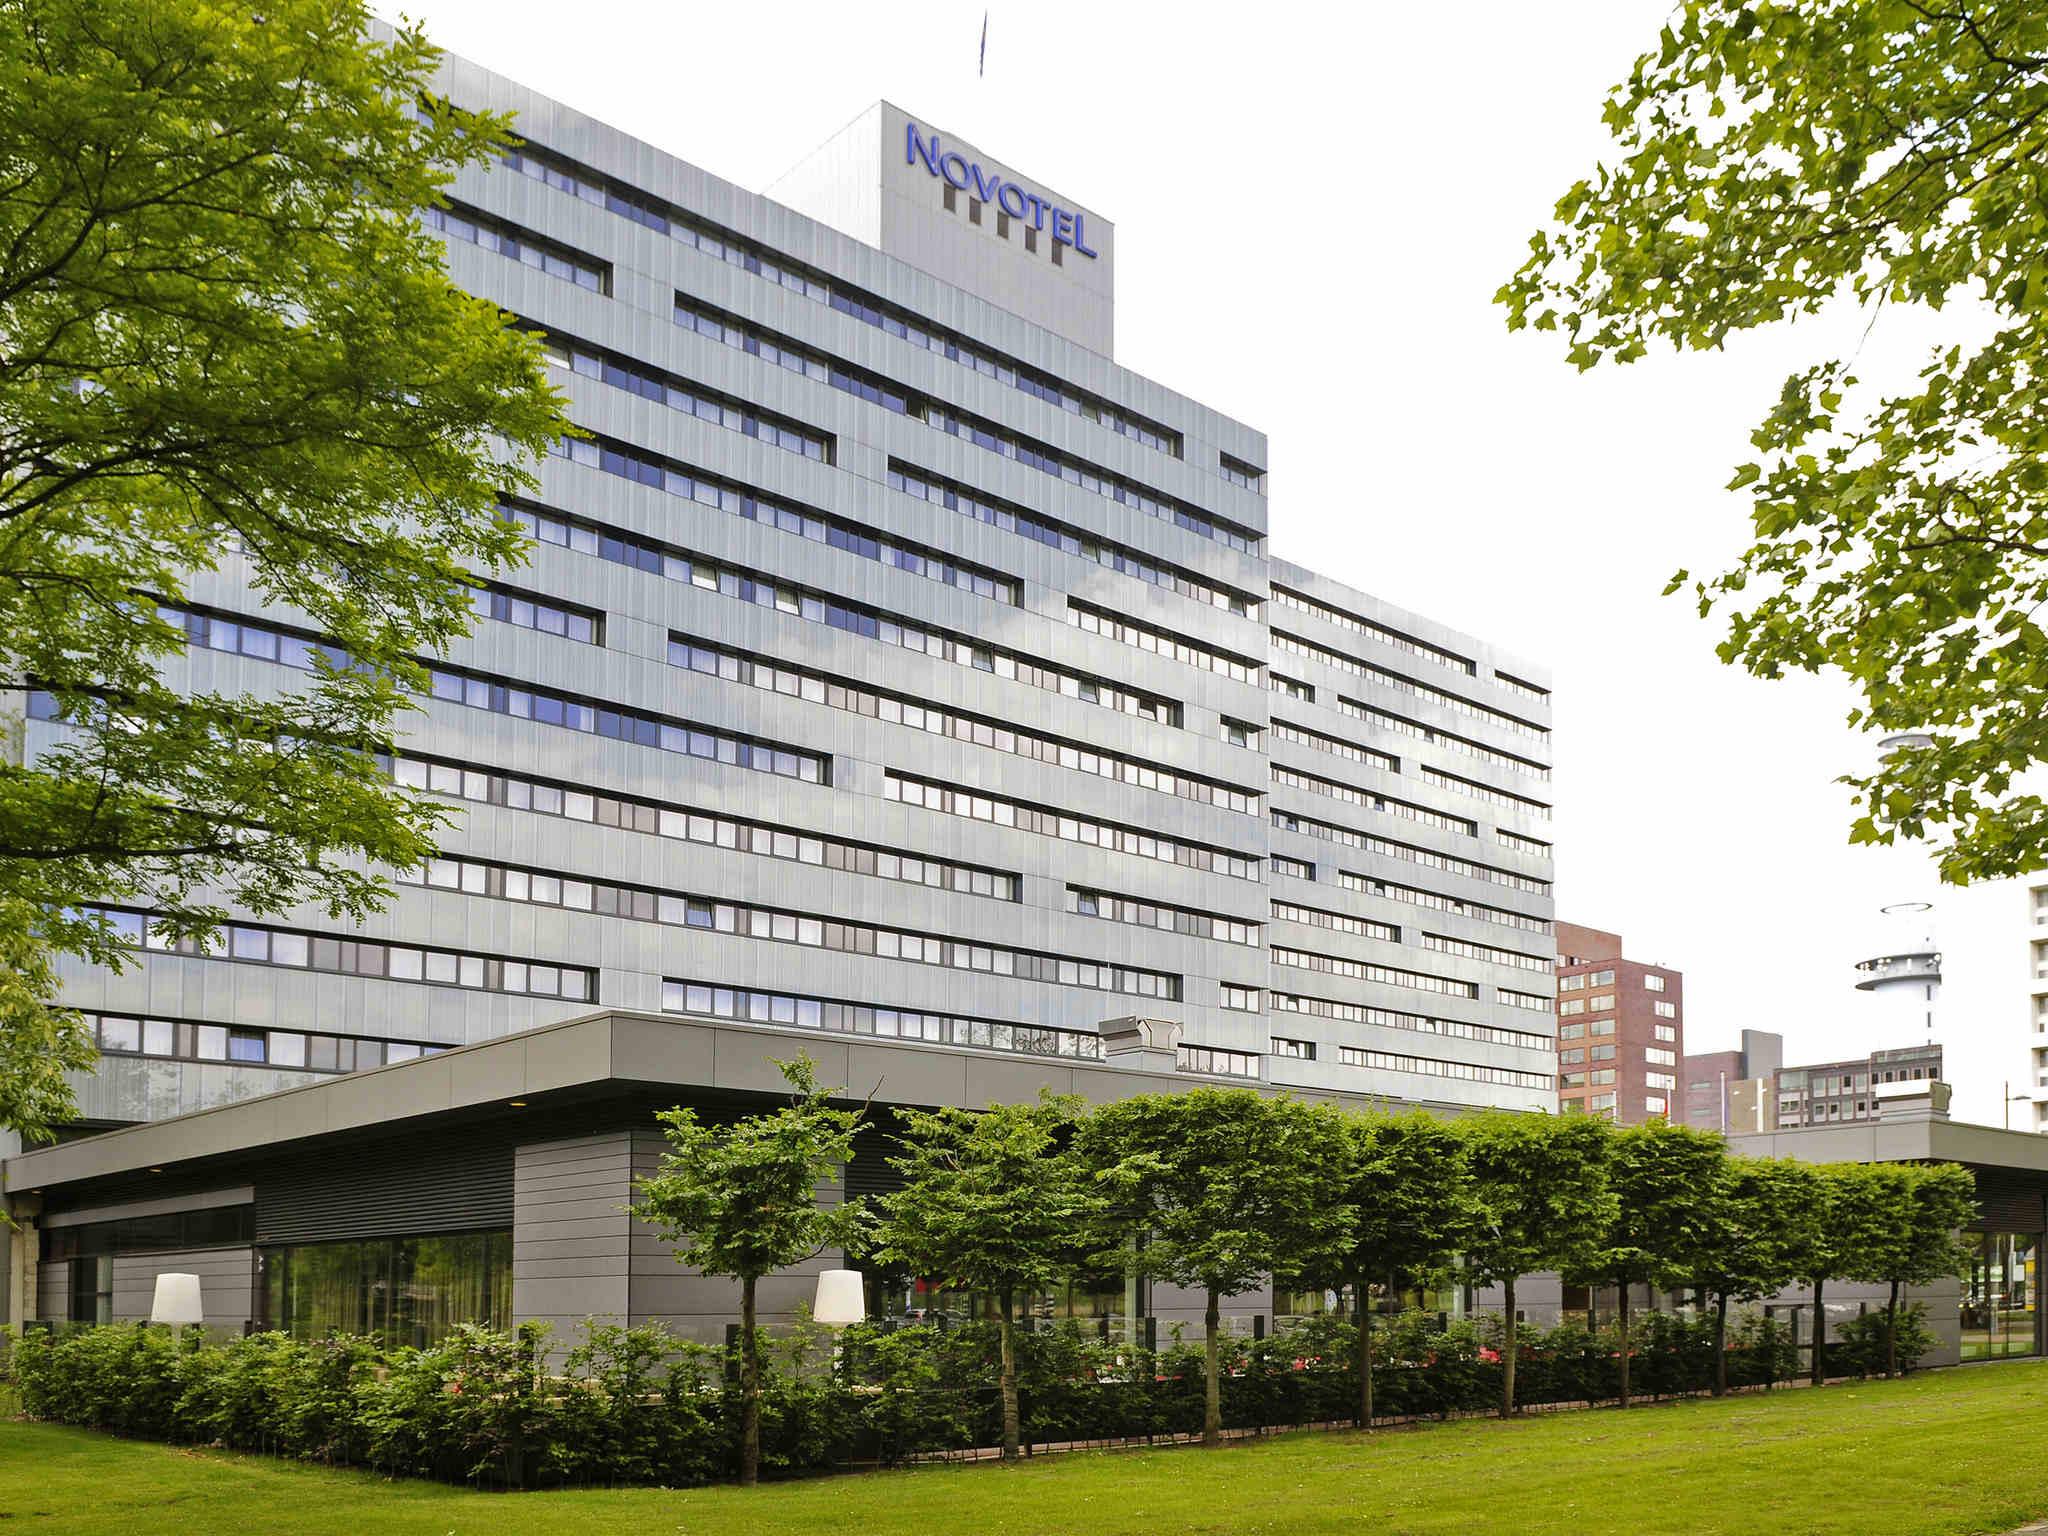 فندق - نوفوتيل Novotel أمستردام سيتي